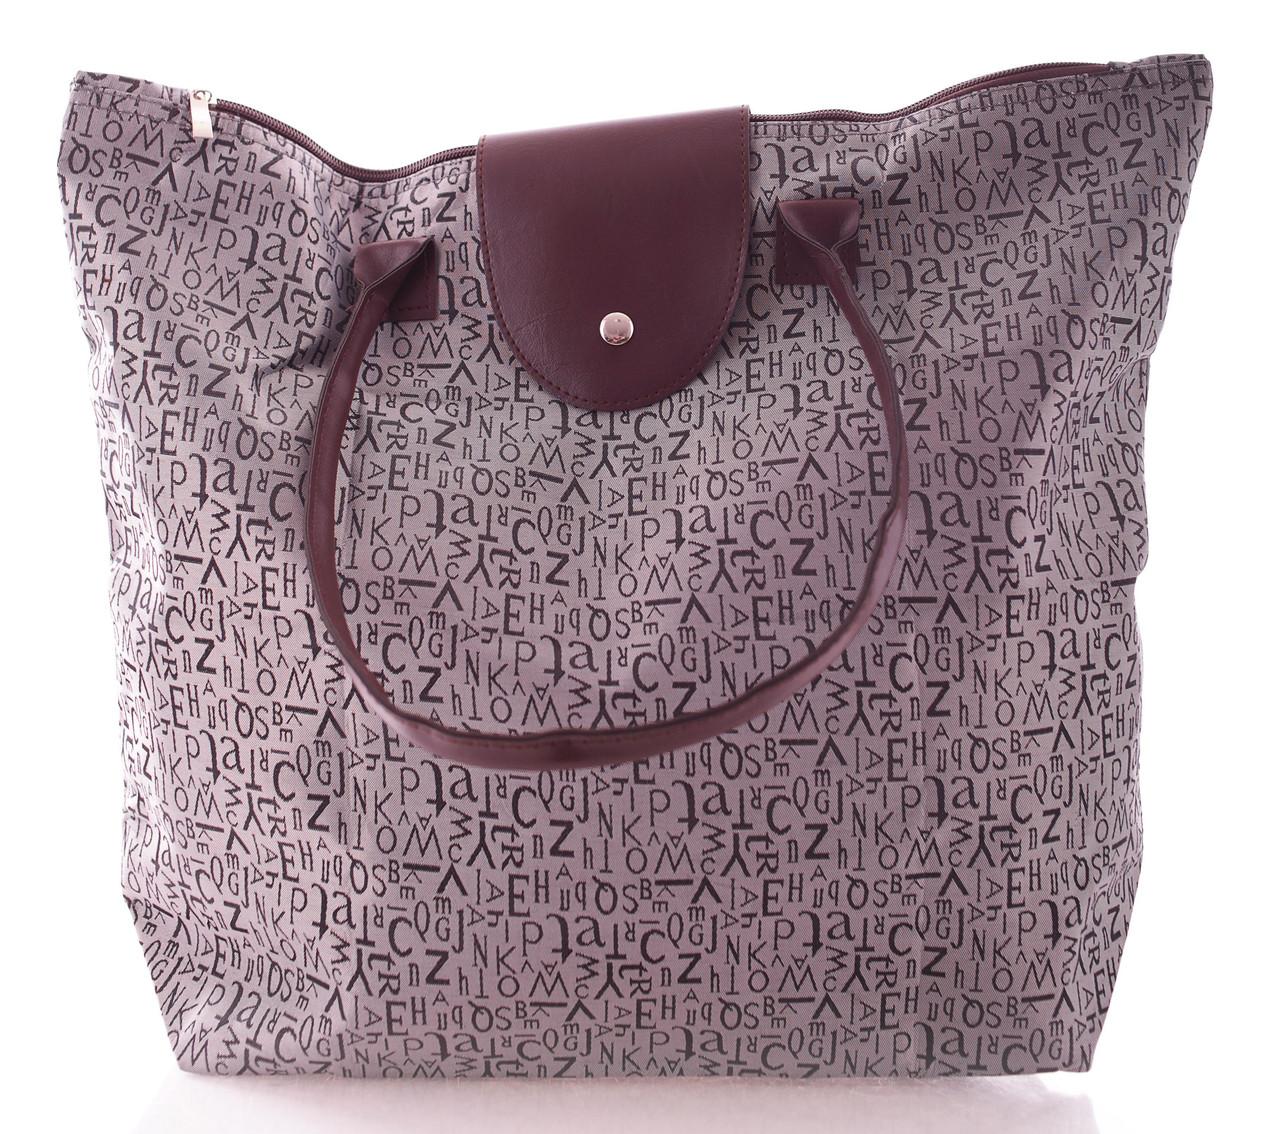 Сумка из текстиля женская пляжная Grey beach bag 1, серая